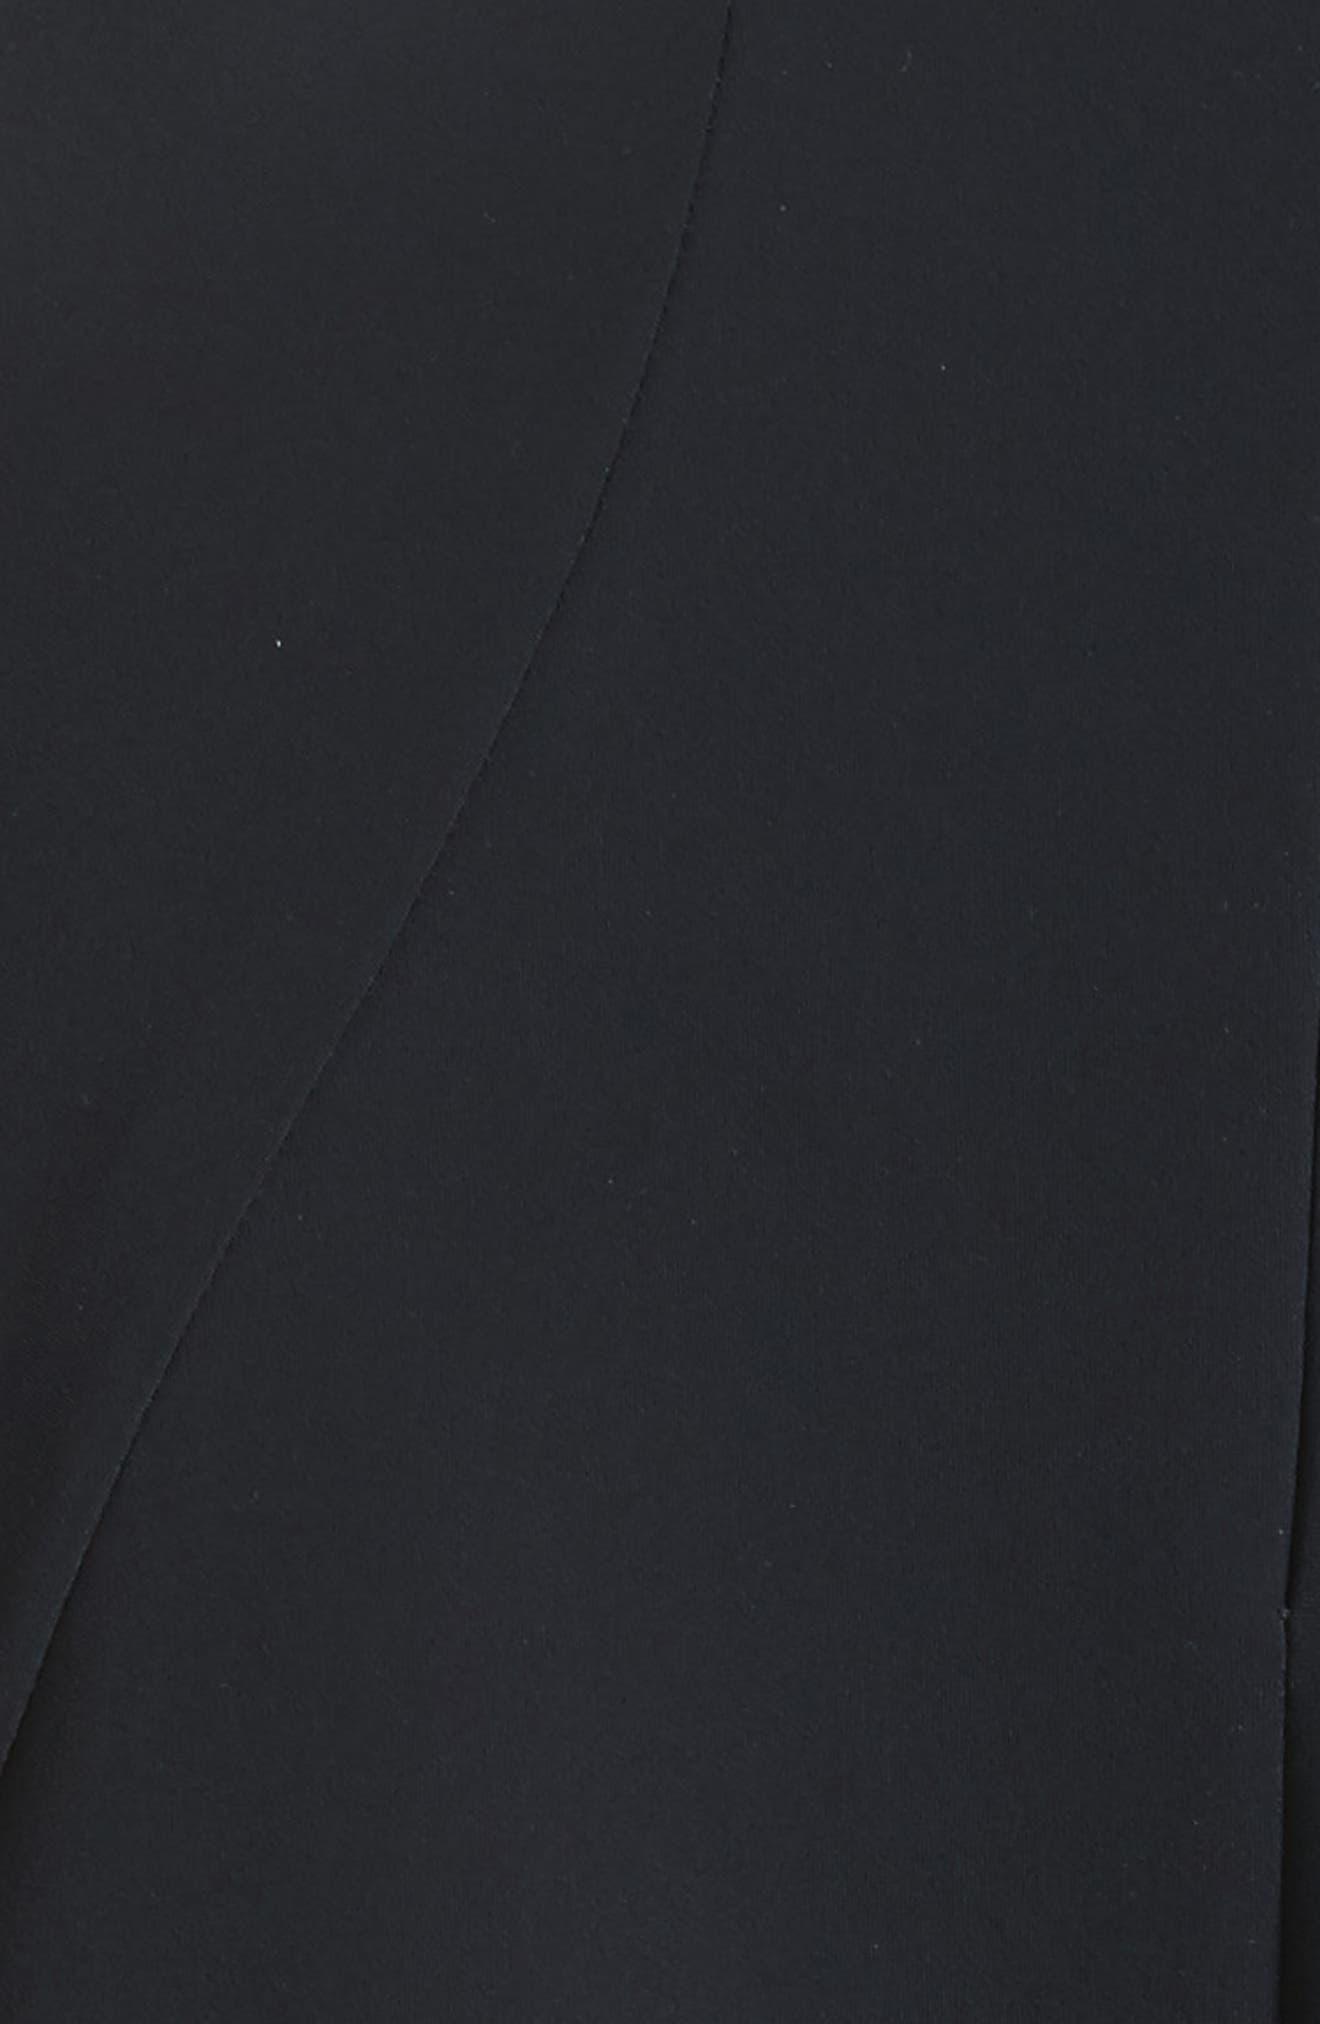 Appliqué Scallop Hem Dress,                             Alternate thumbnail 5, color,                             001